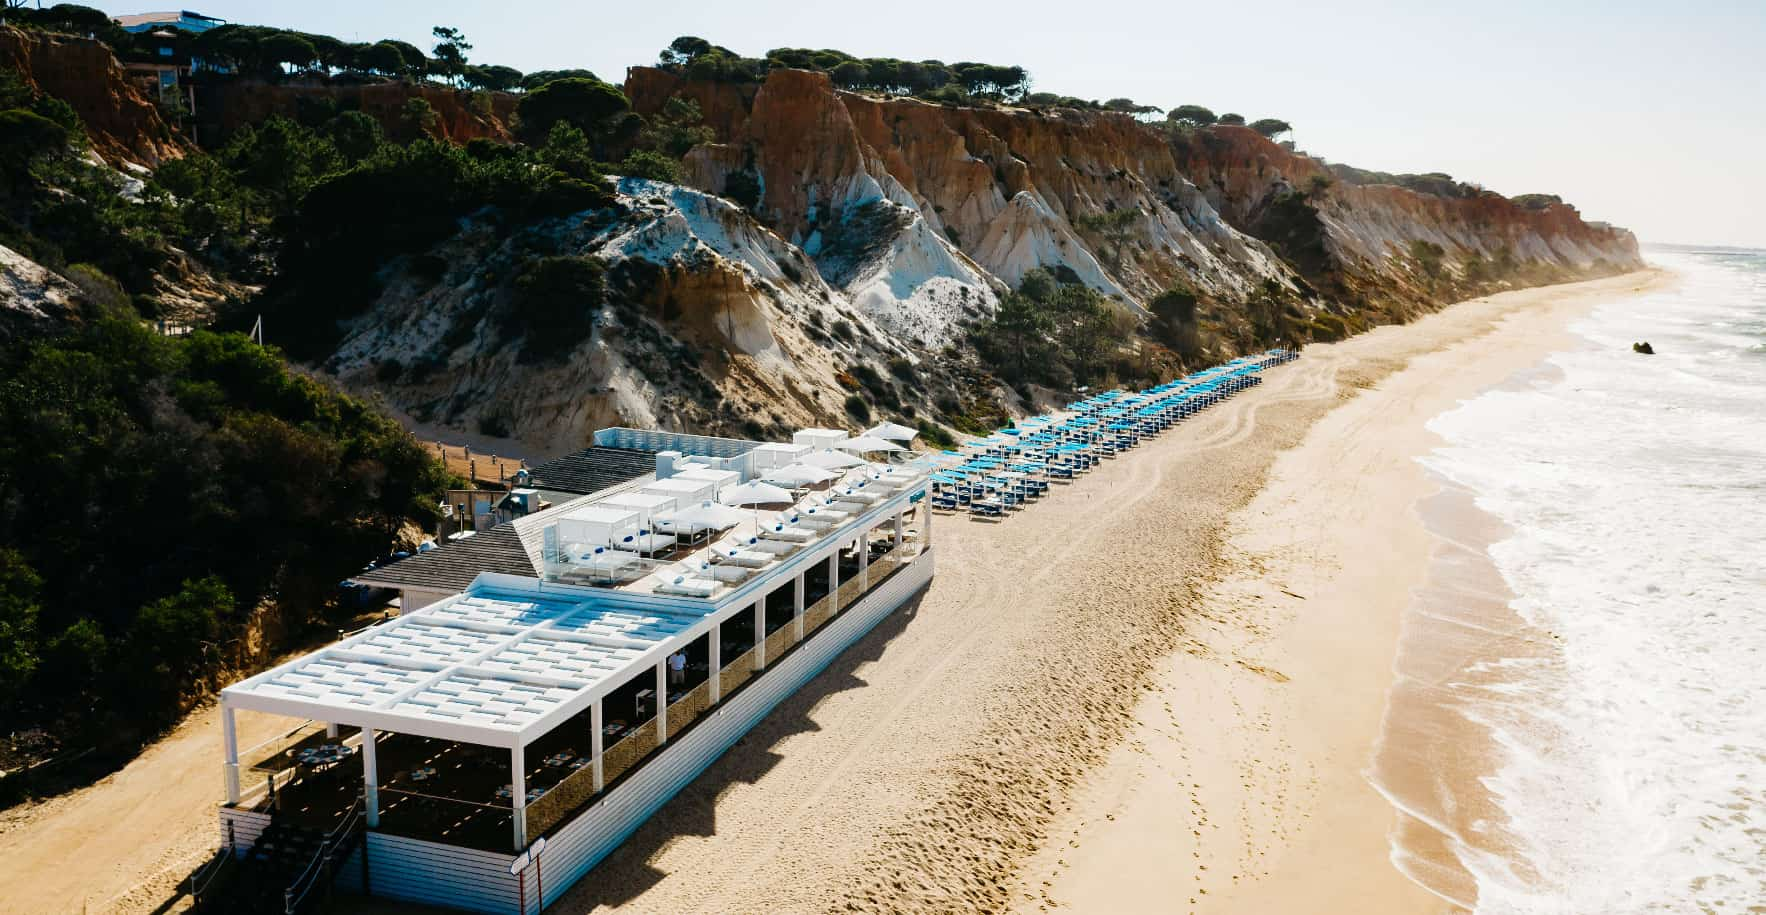 Praia da Falesia Albufeira Algarve